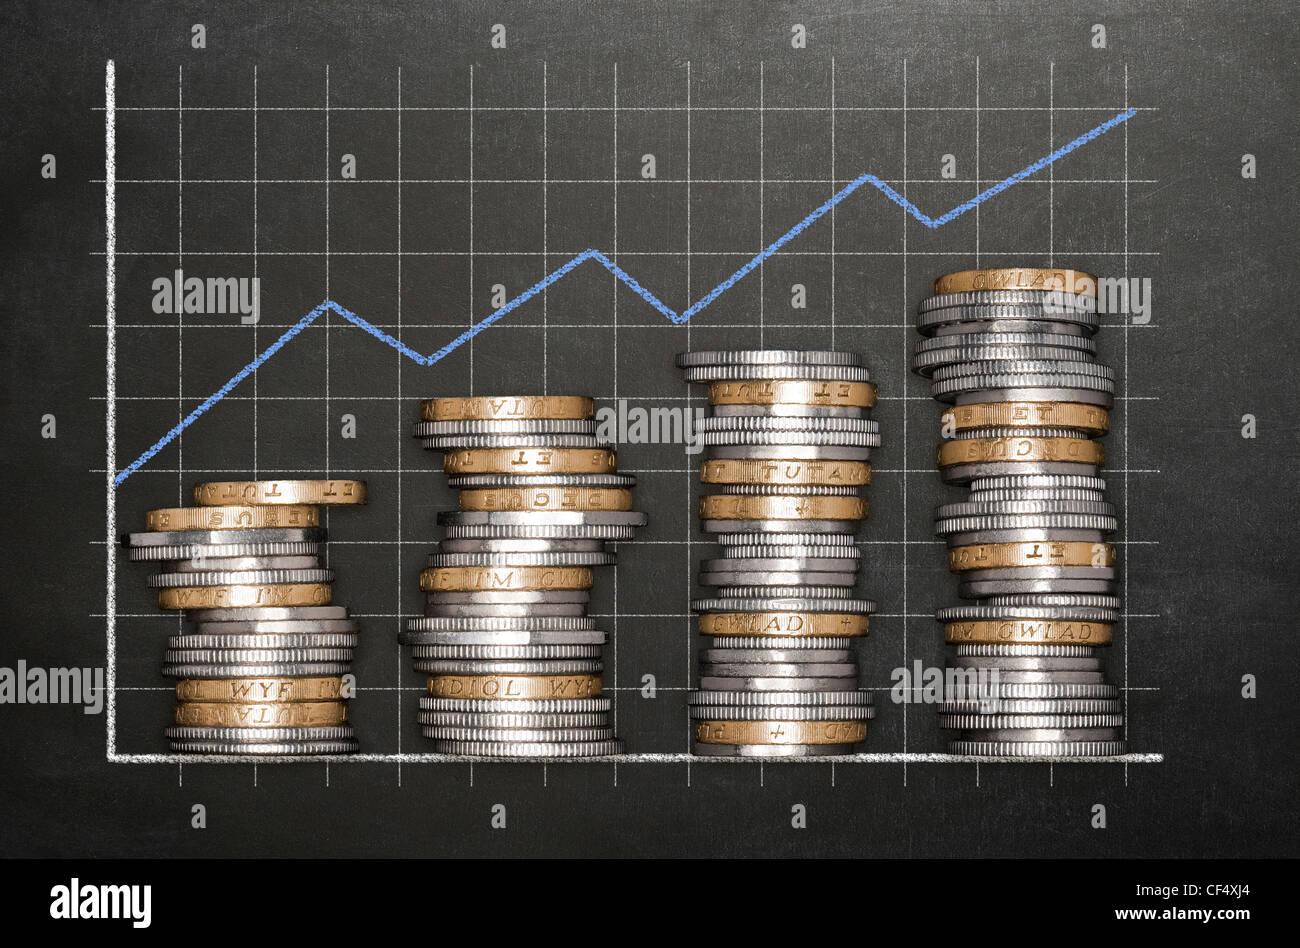 Des piles de jetons sur un tableau noir formant un fond graphique Banque D'Images